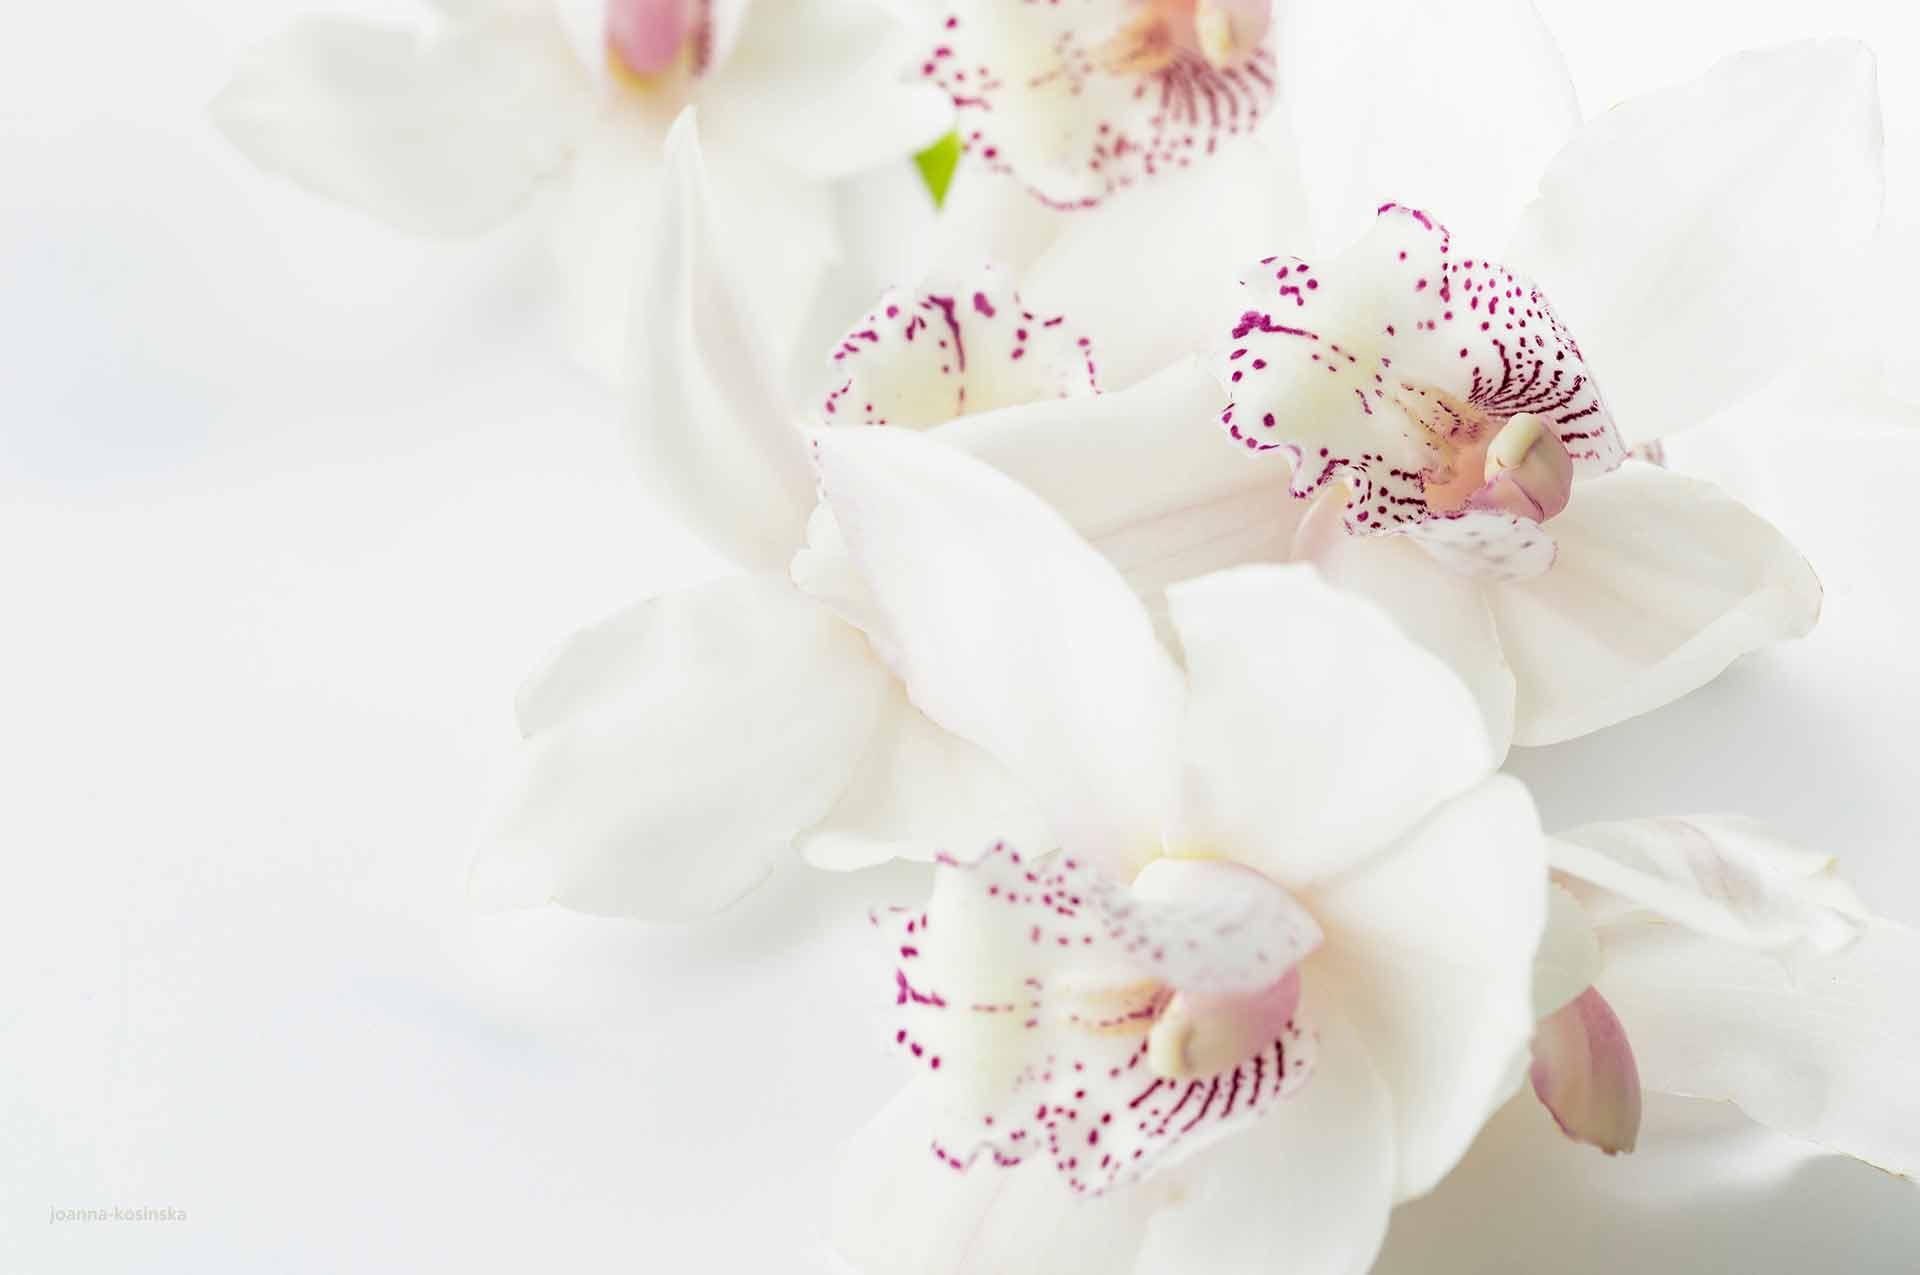 Kein Problem: Blumengeschenke Können Sie Im Blumenhaus Sass Auch Online  Bestellen Und Liefern Lassen. Wir Liefern Alles Innerhalb Von Einem Radius  Von 25 Km ...